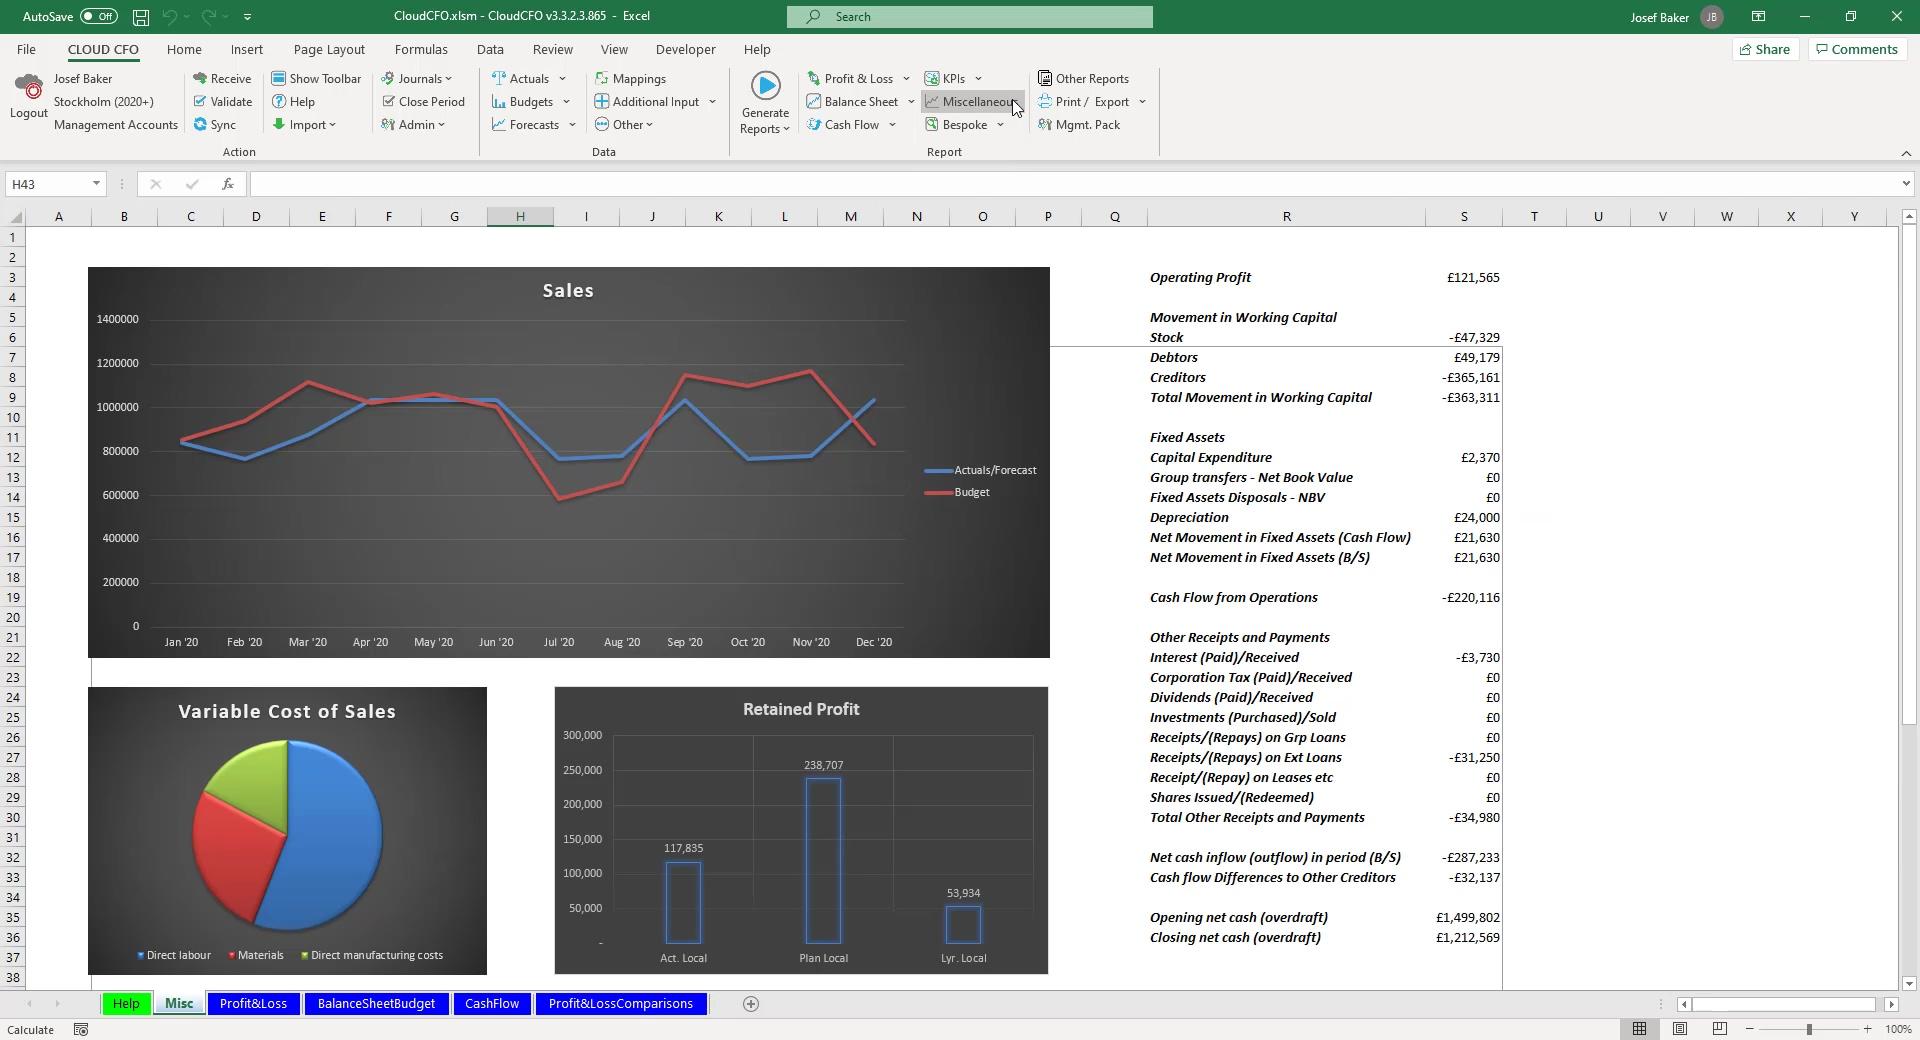 CFO_Management_Accounts_Overview